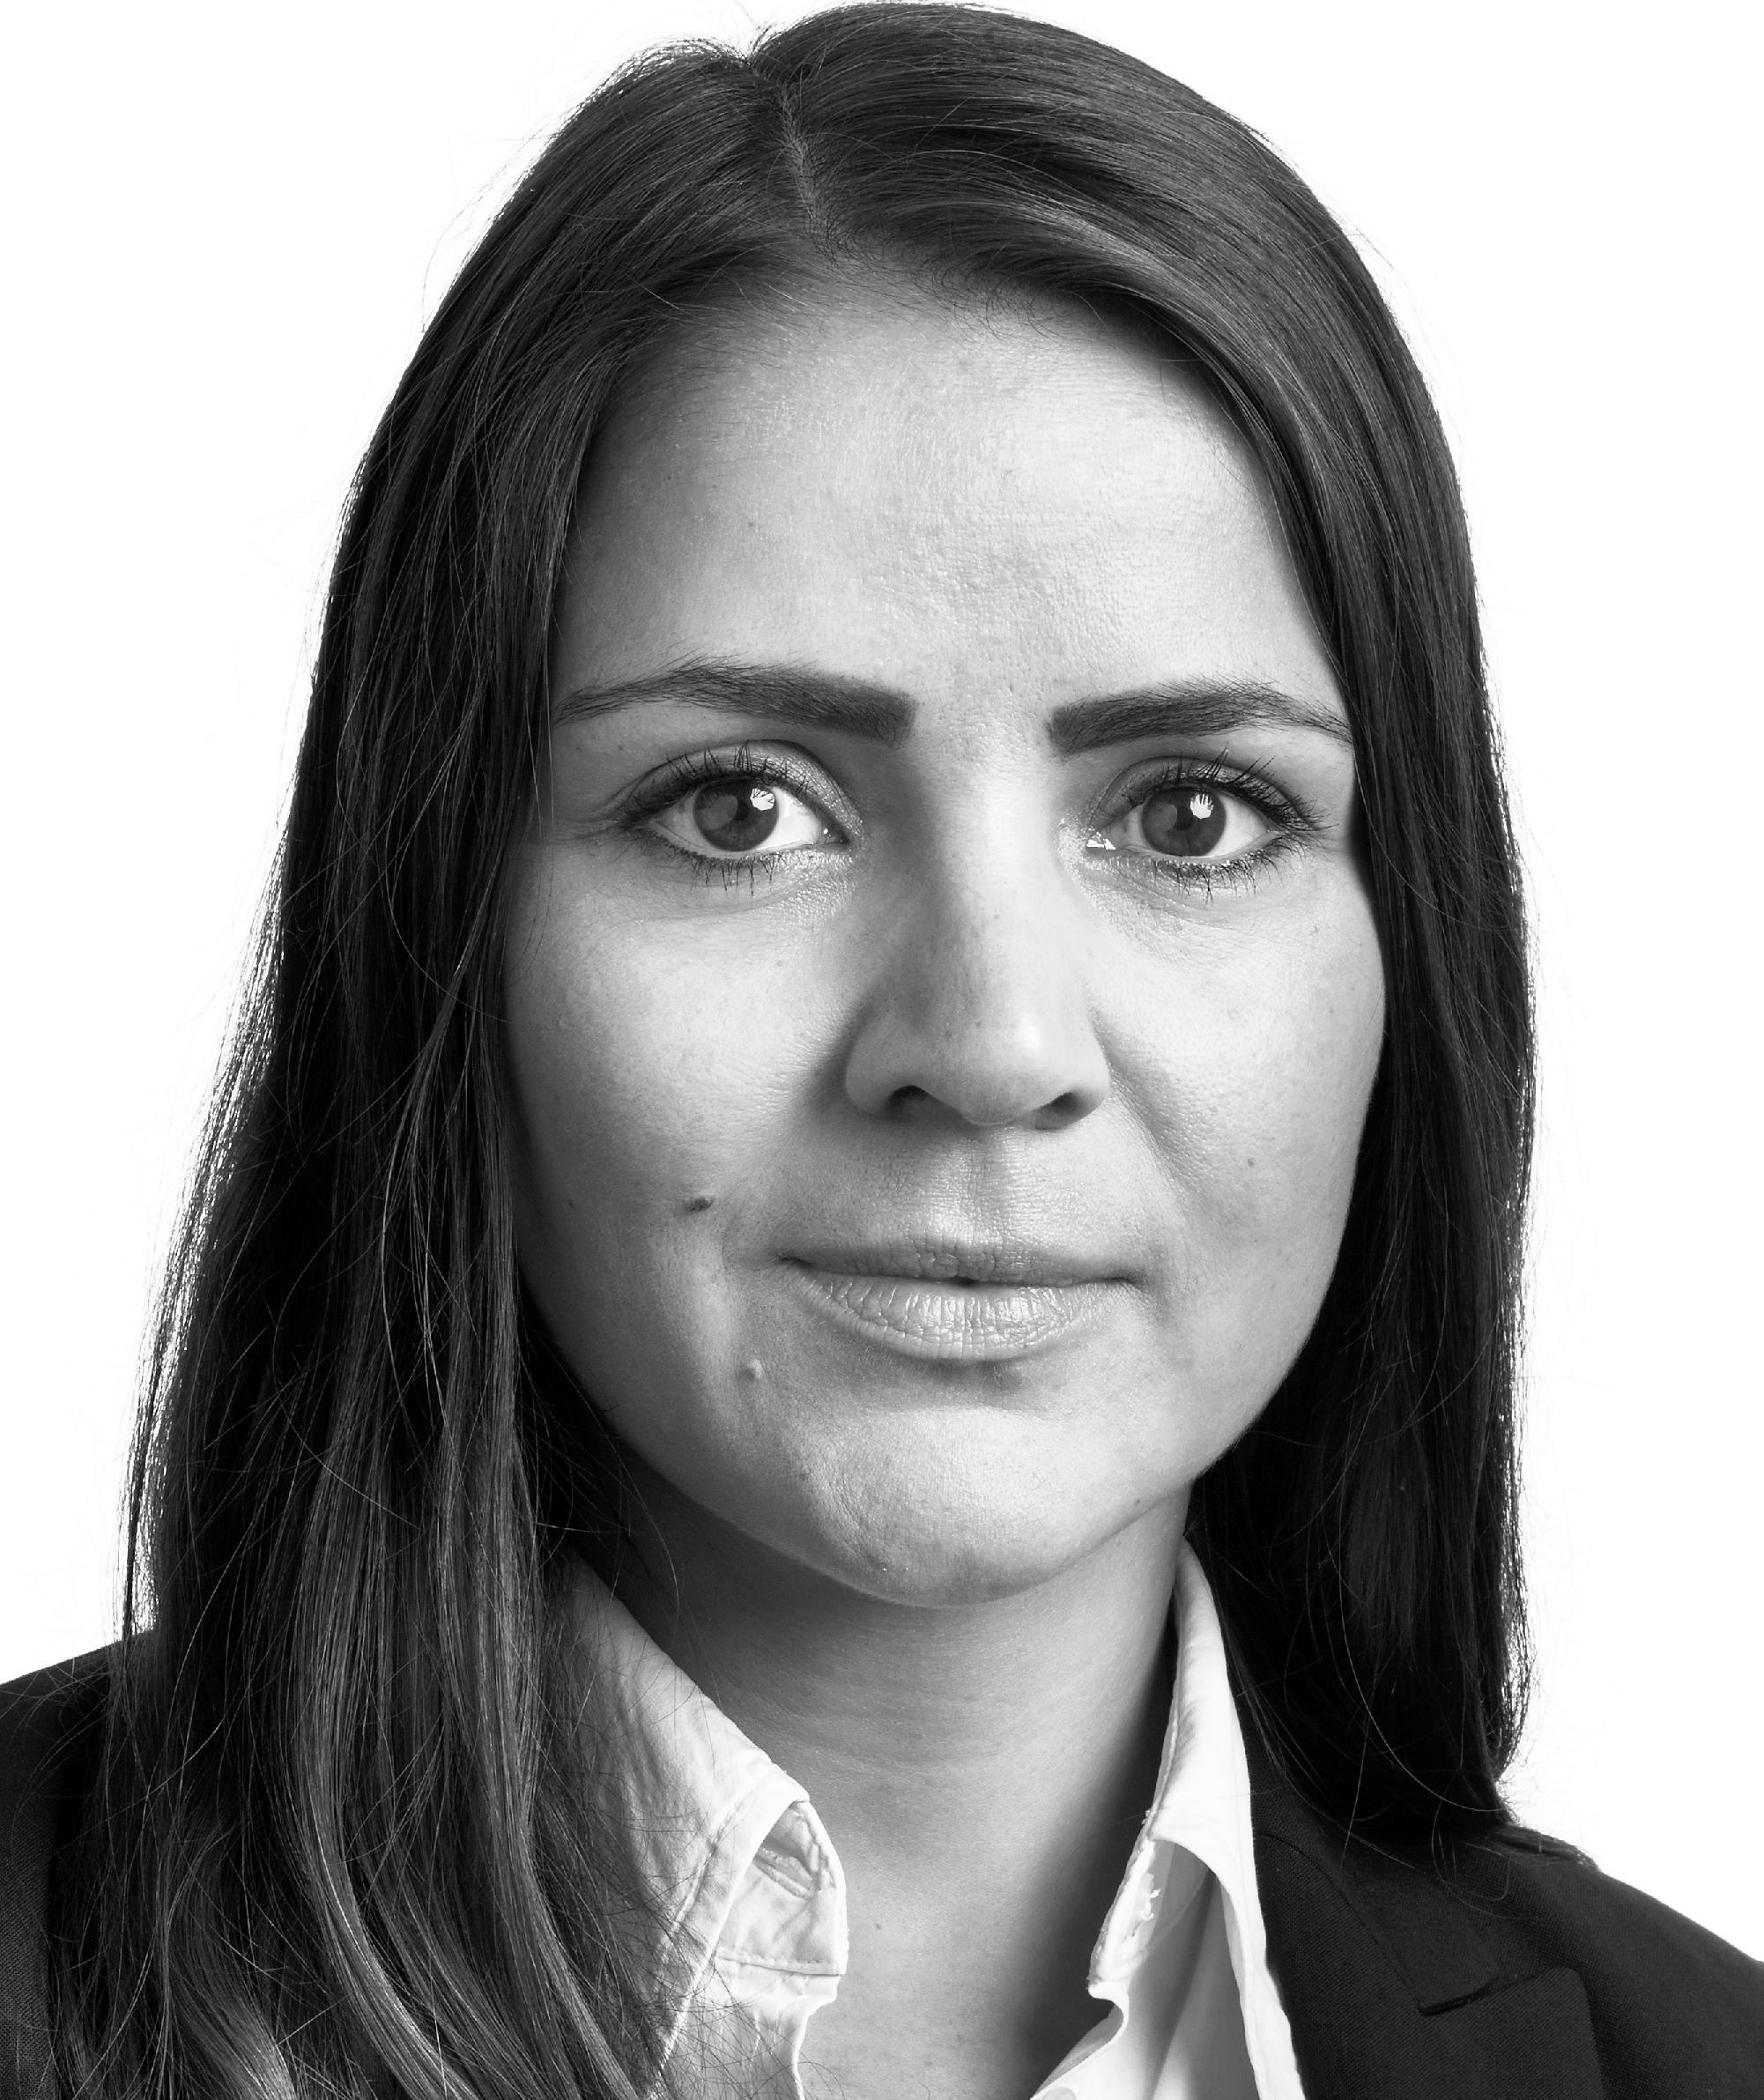 Sibel Yilmaz